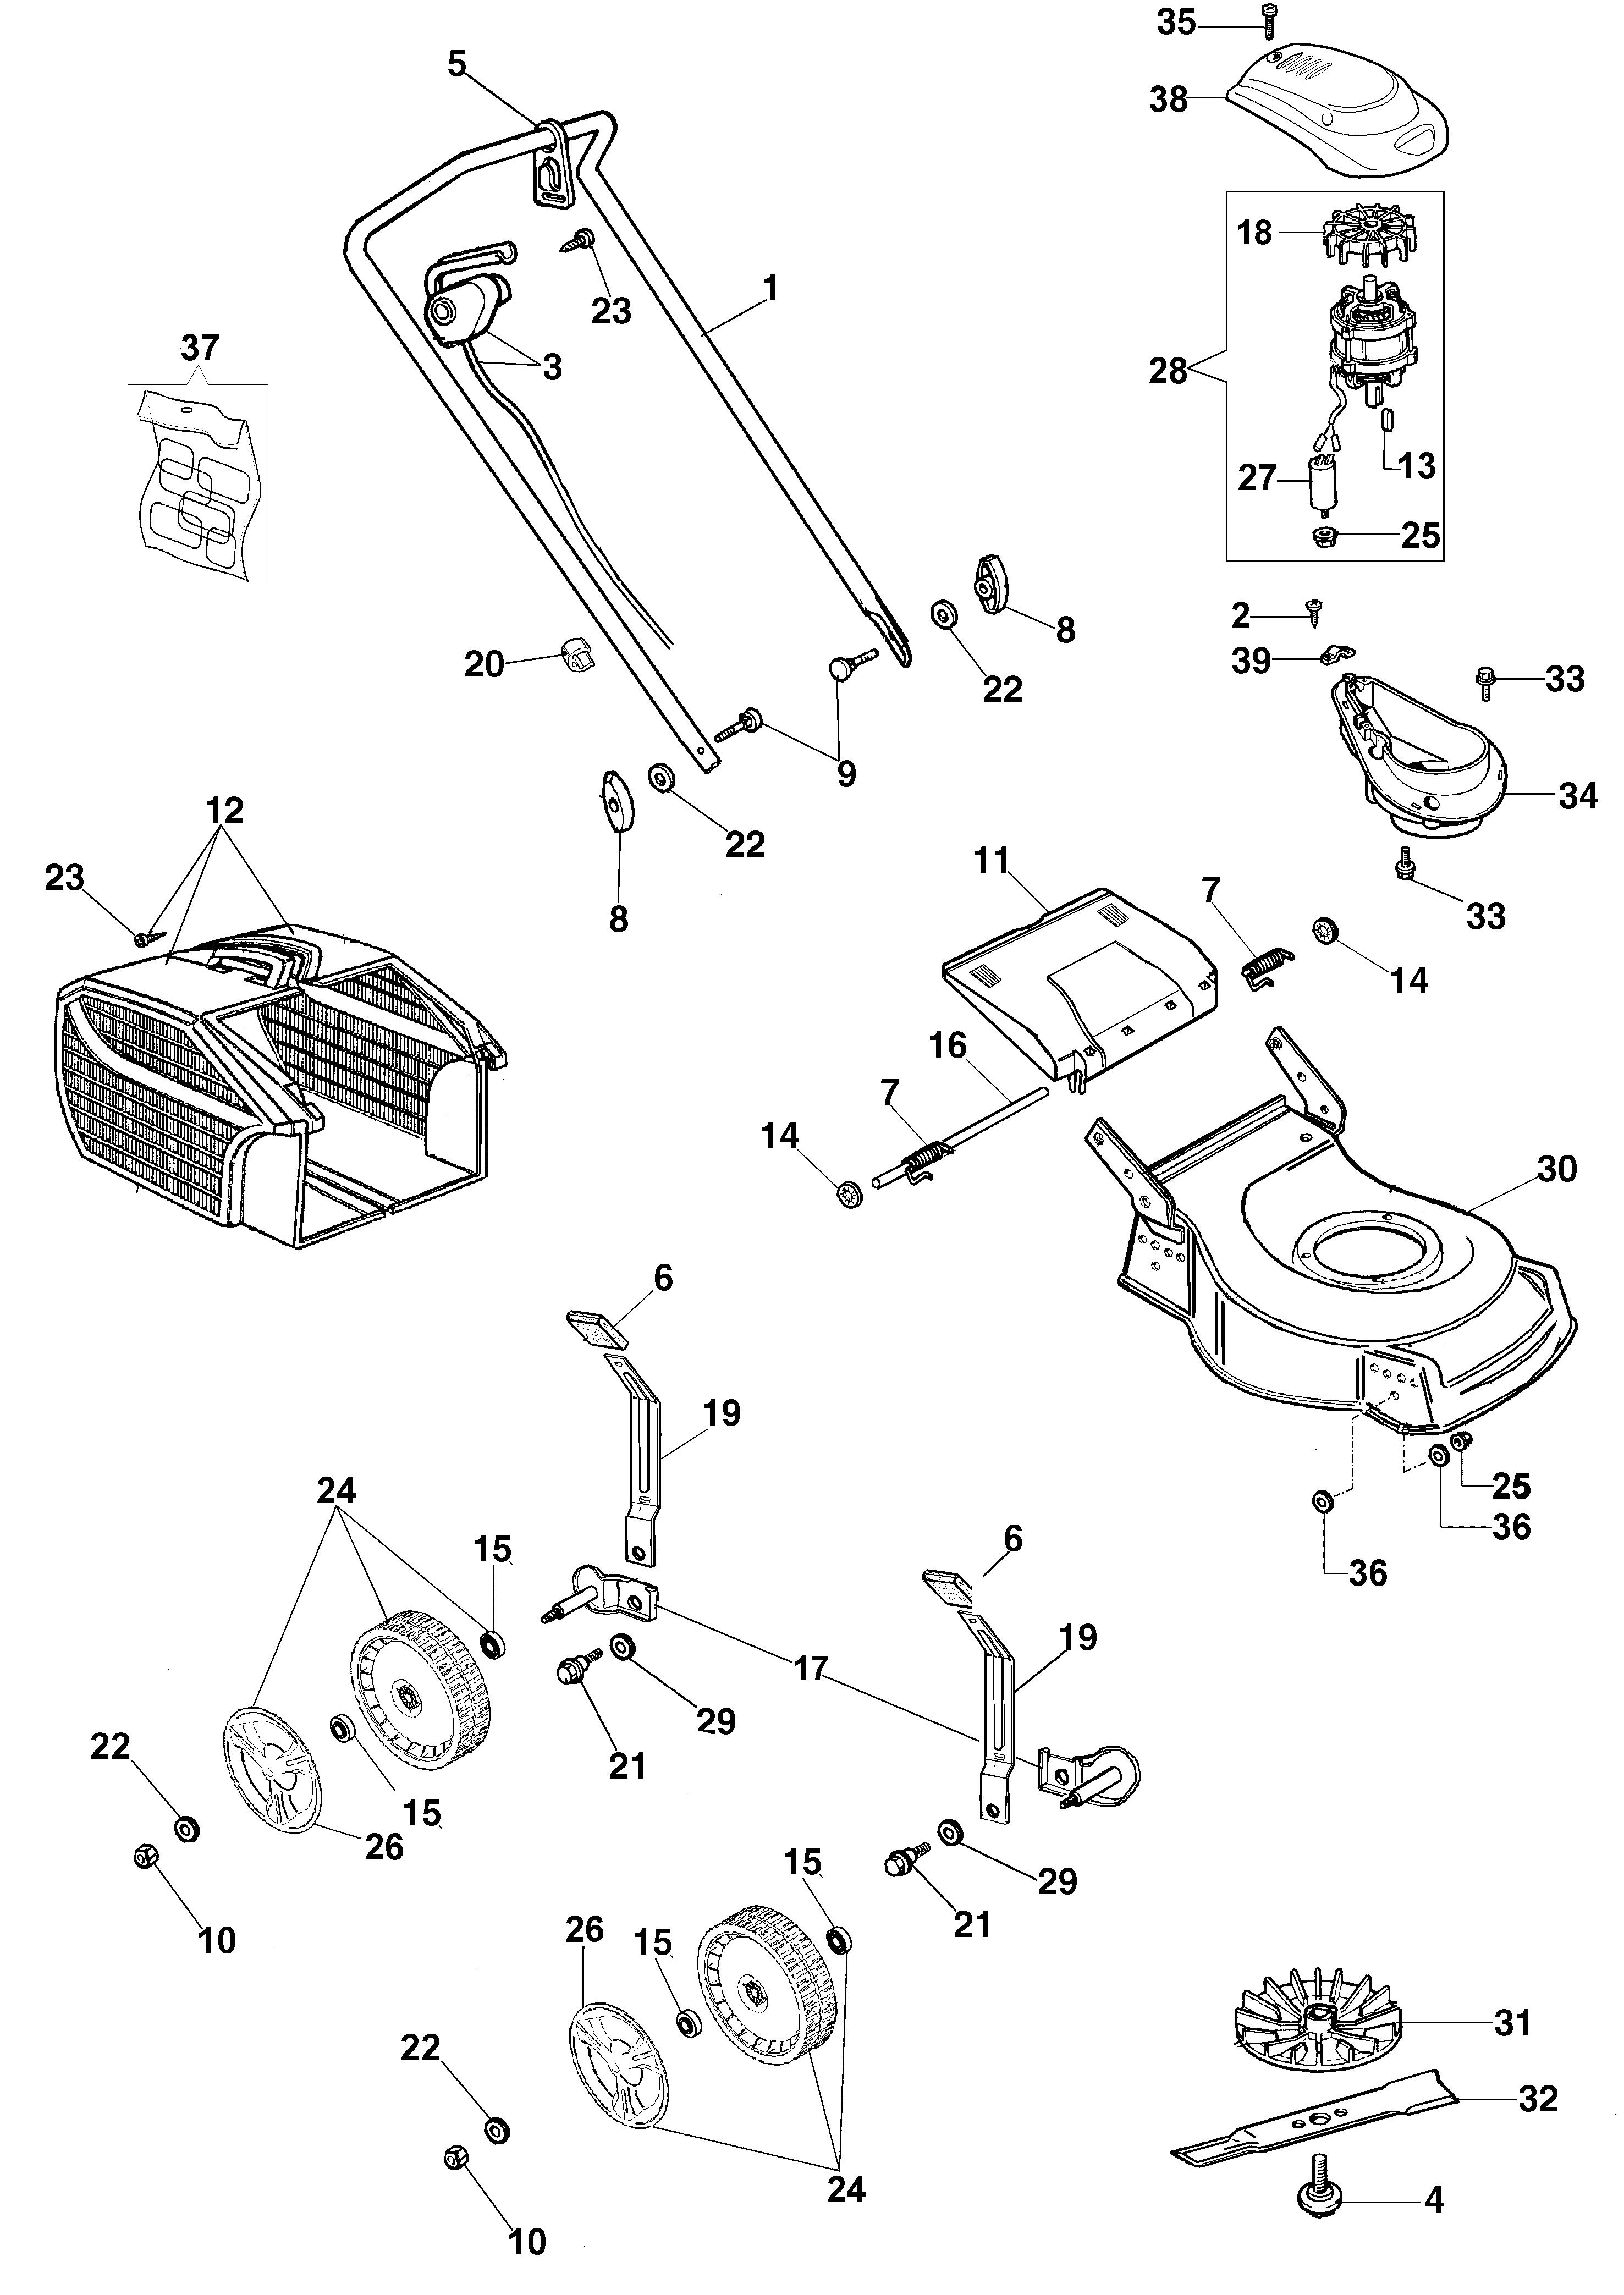 G 44 PE Tondeuse électrique oleomac Dessins pièces -  Vue éclatée complète ESSENTIAL (Depuis janvier 2012)